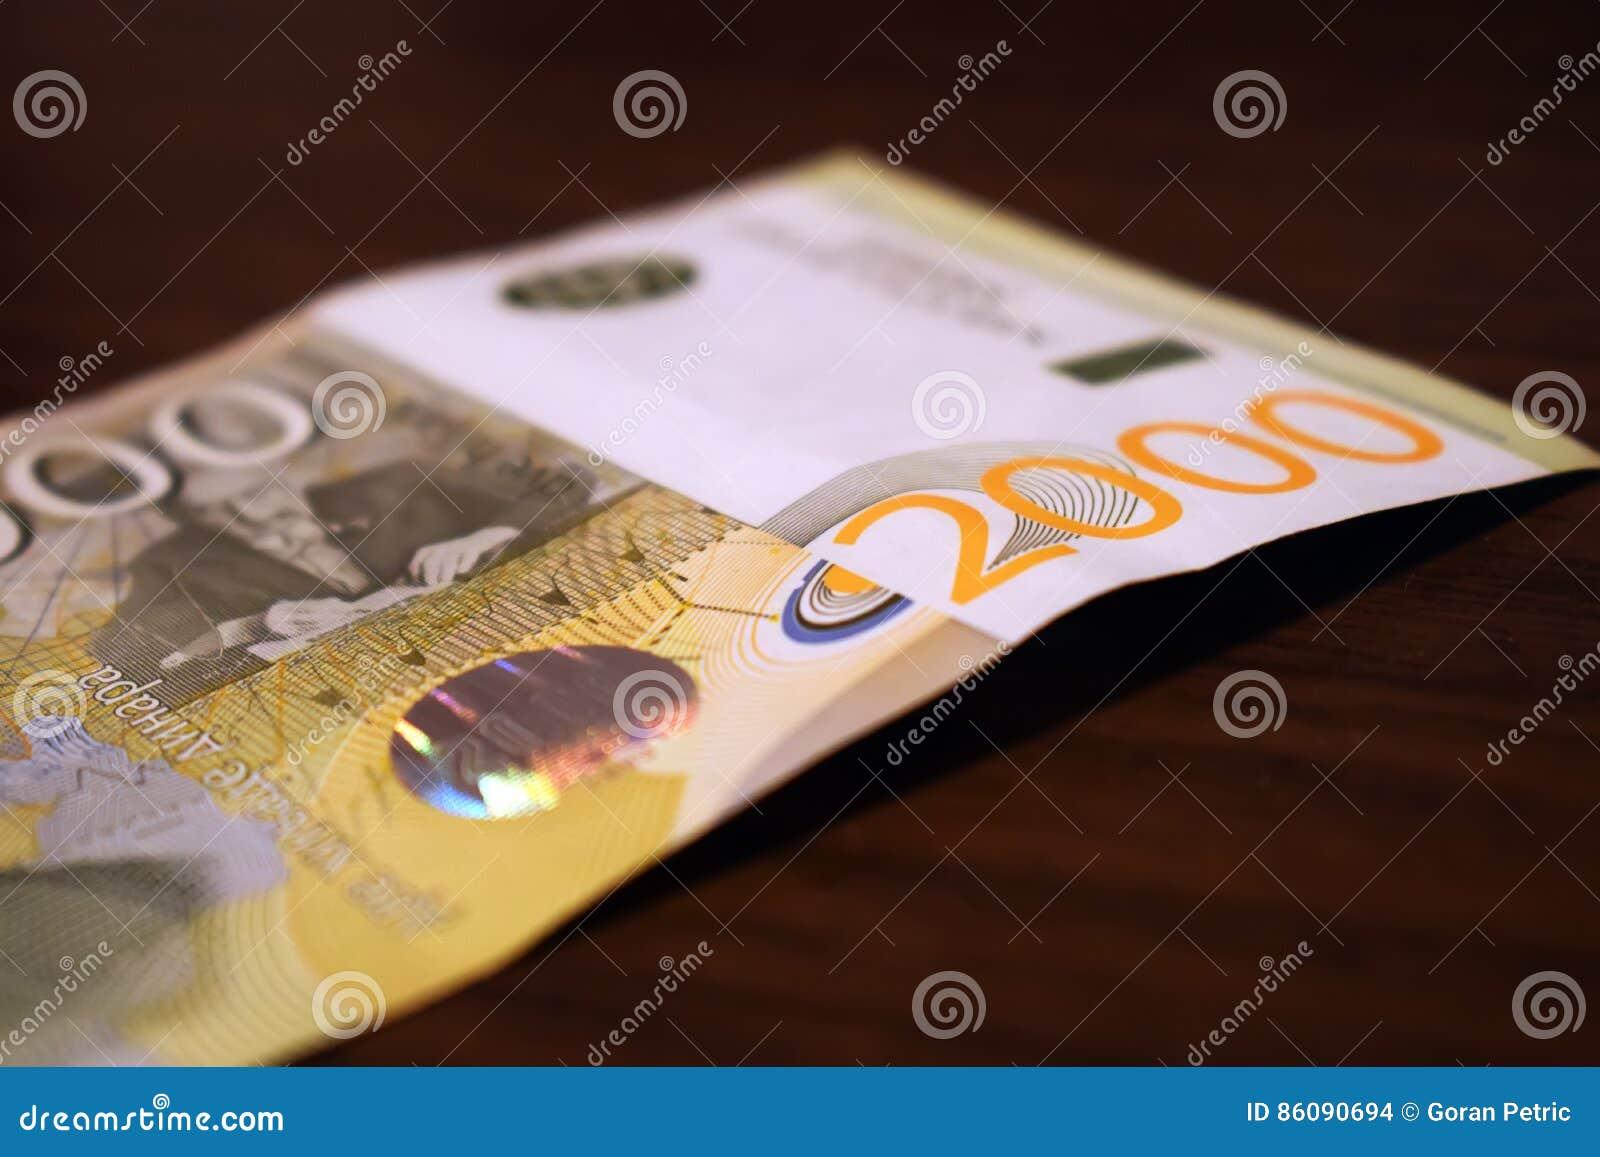 Serbiska pengar i papper, sedel 2000 dinar värde